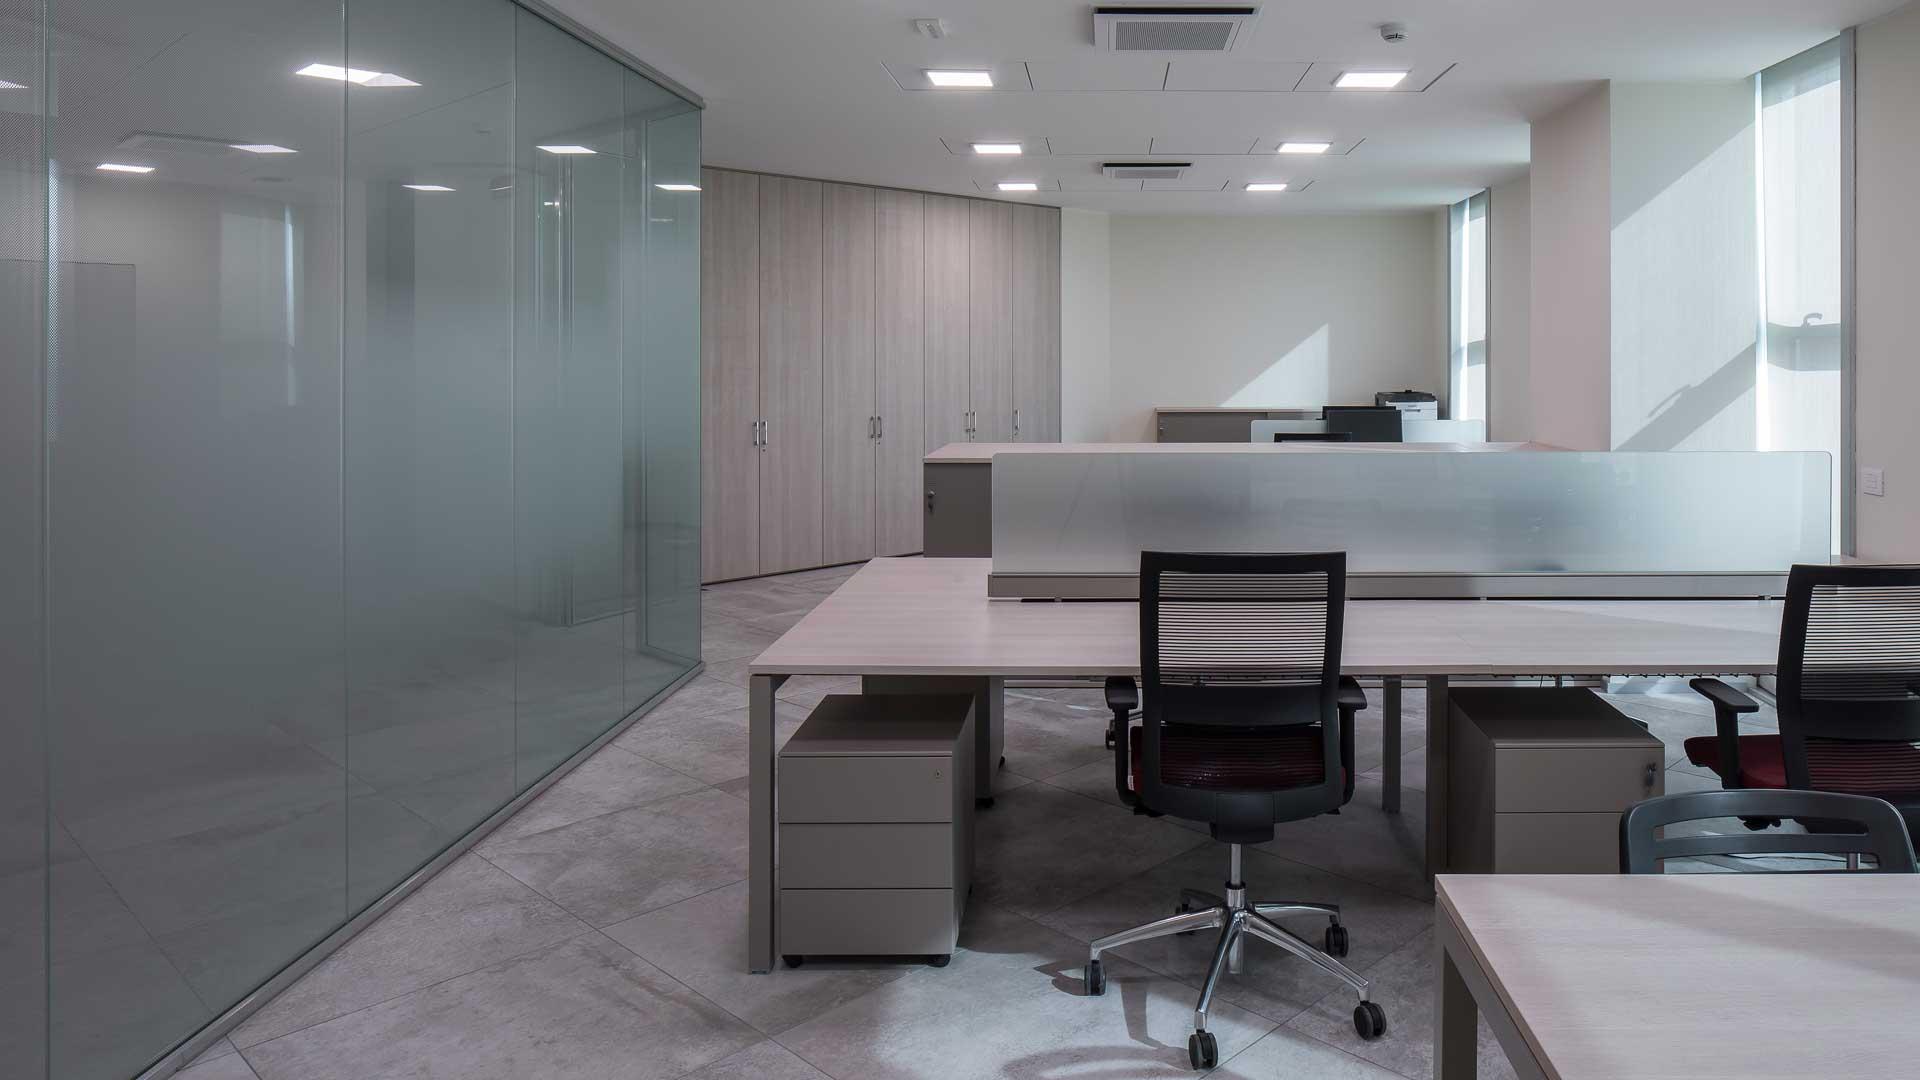 scrivania-ideale-per-ufficio-Viemmeporte-Level-Office-Ladscape